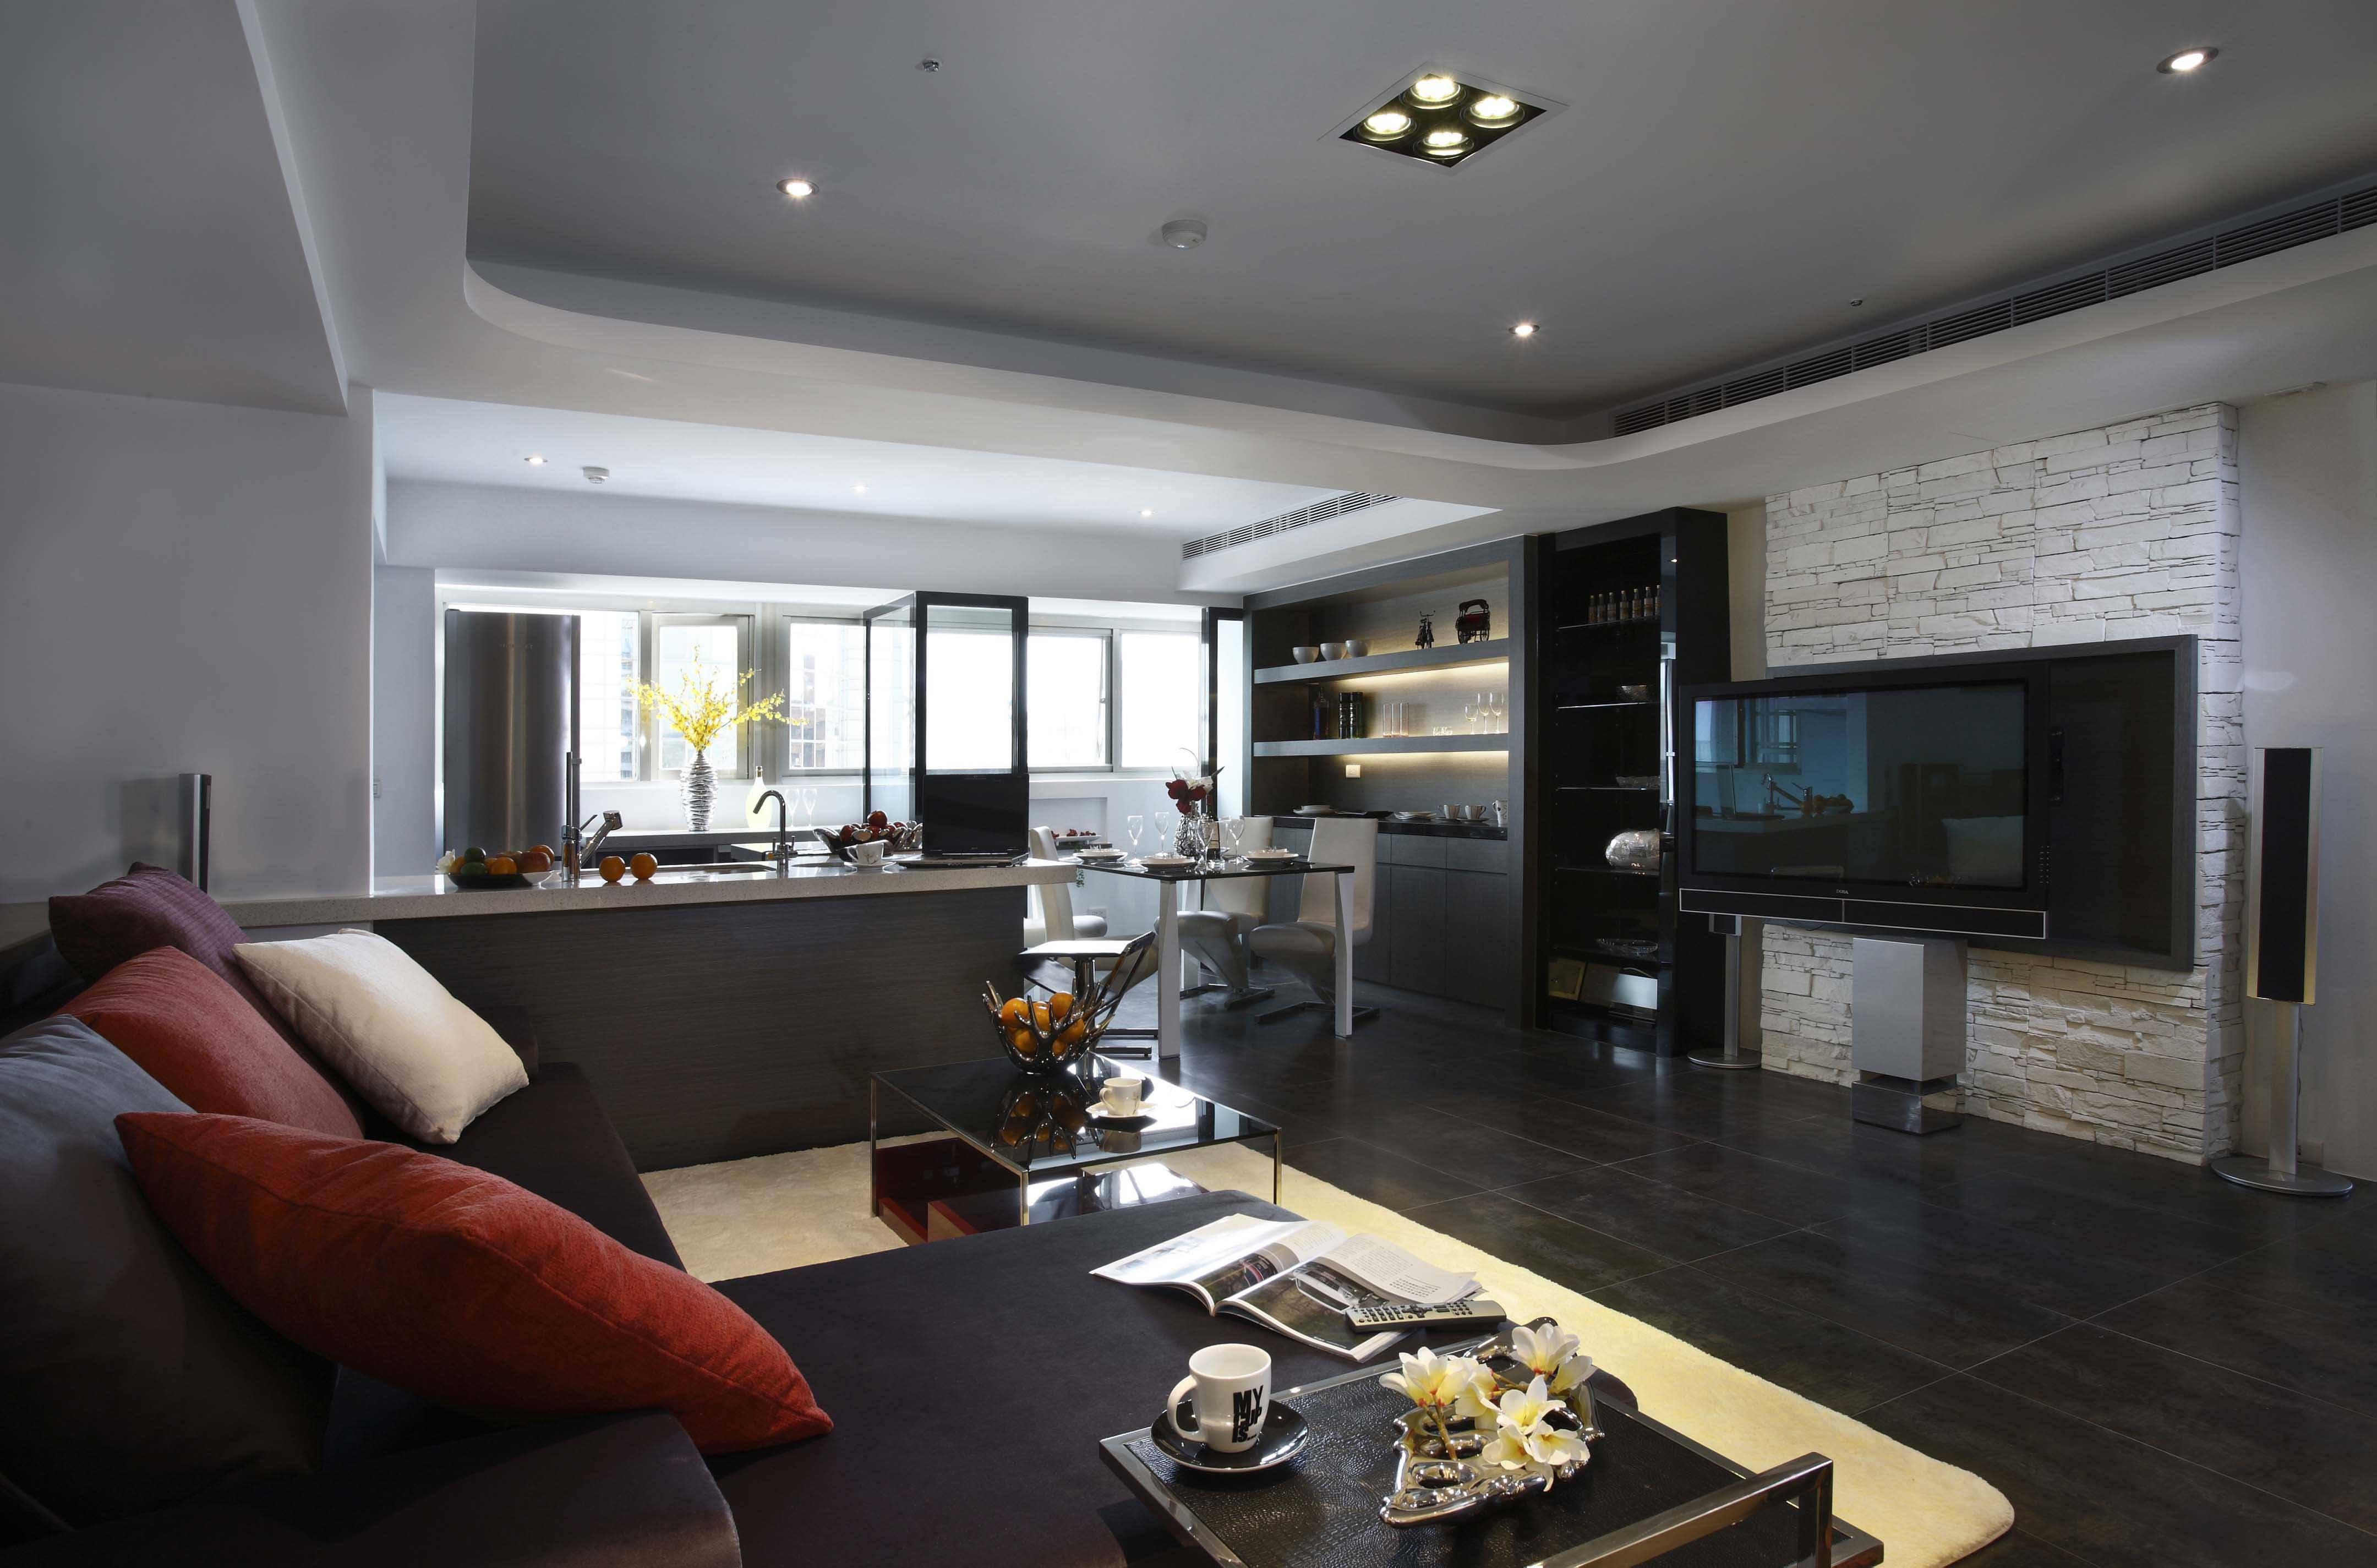 现代时尚风韵三居室内装修设计图